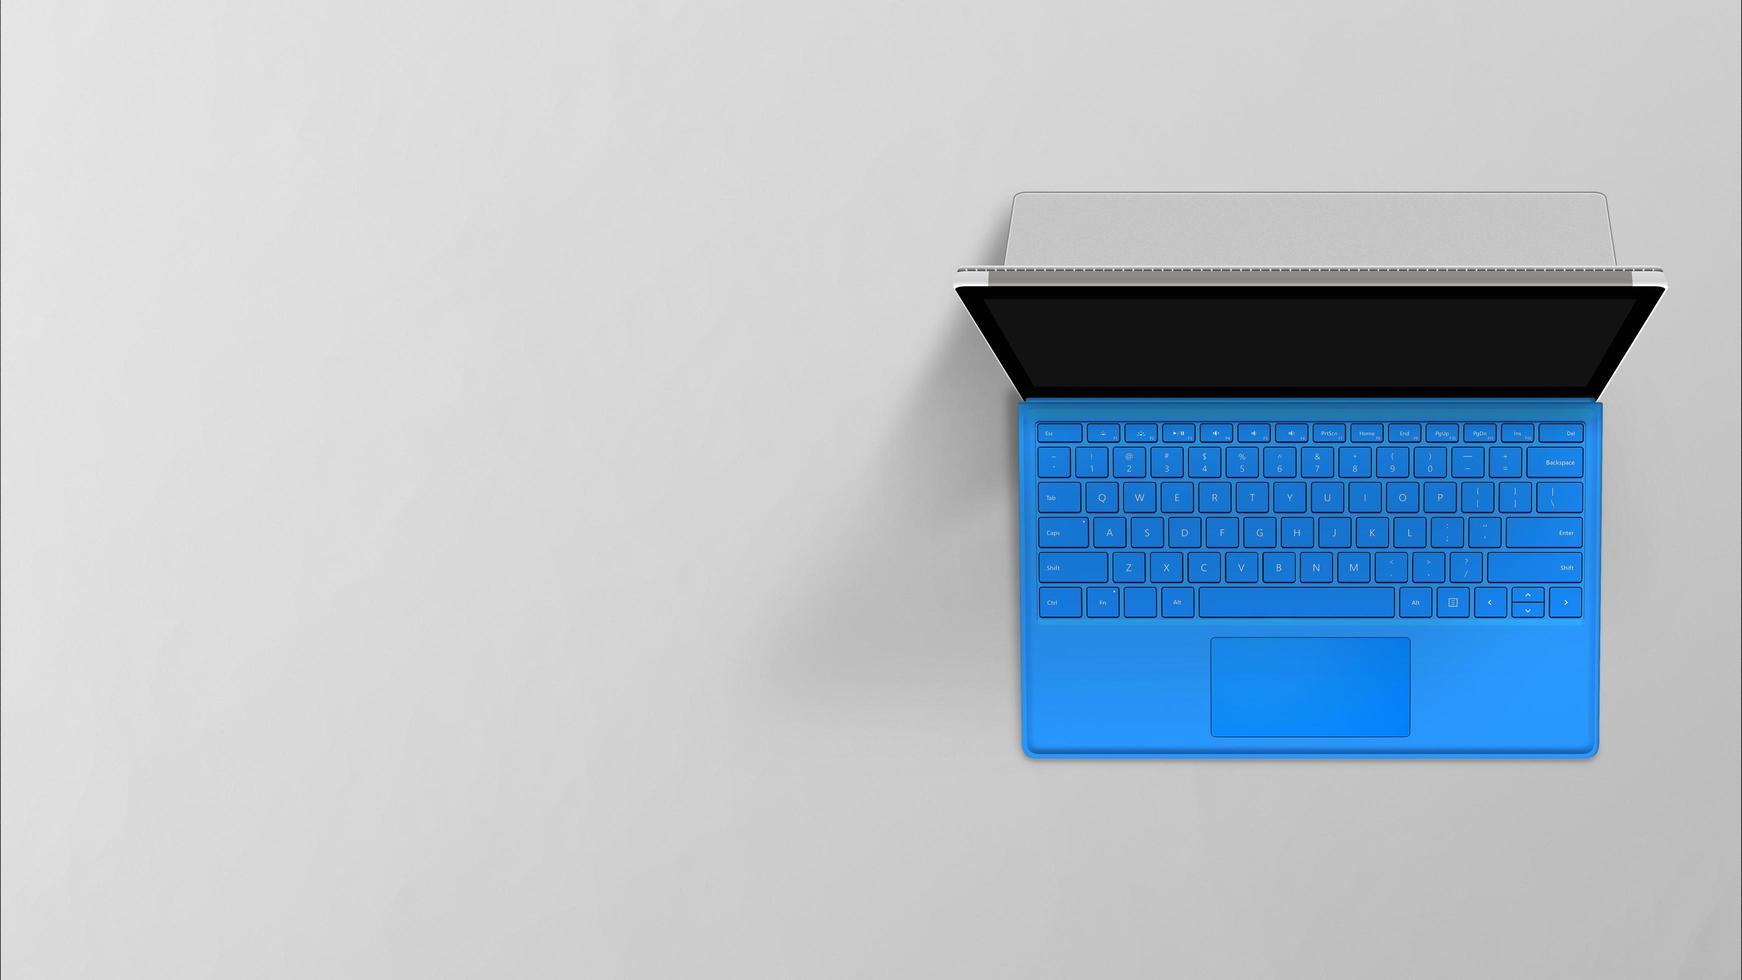 blå bärbar dator bärbar dator ovanifrån skott på grå bakgrund foto